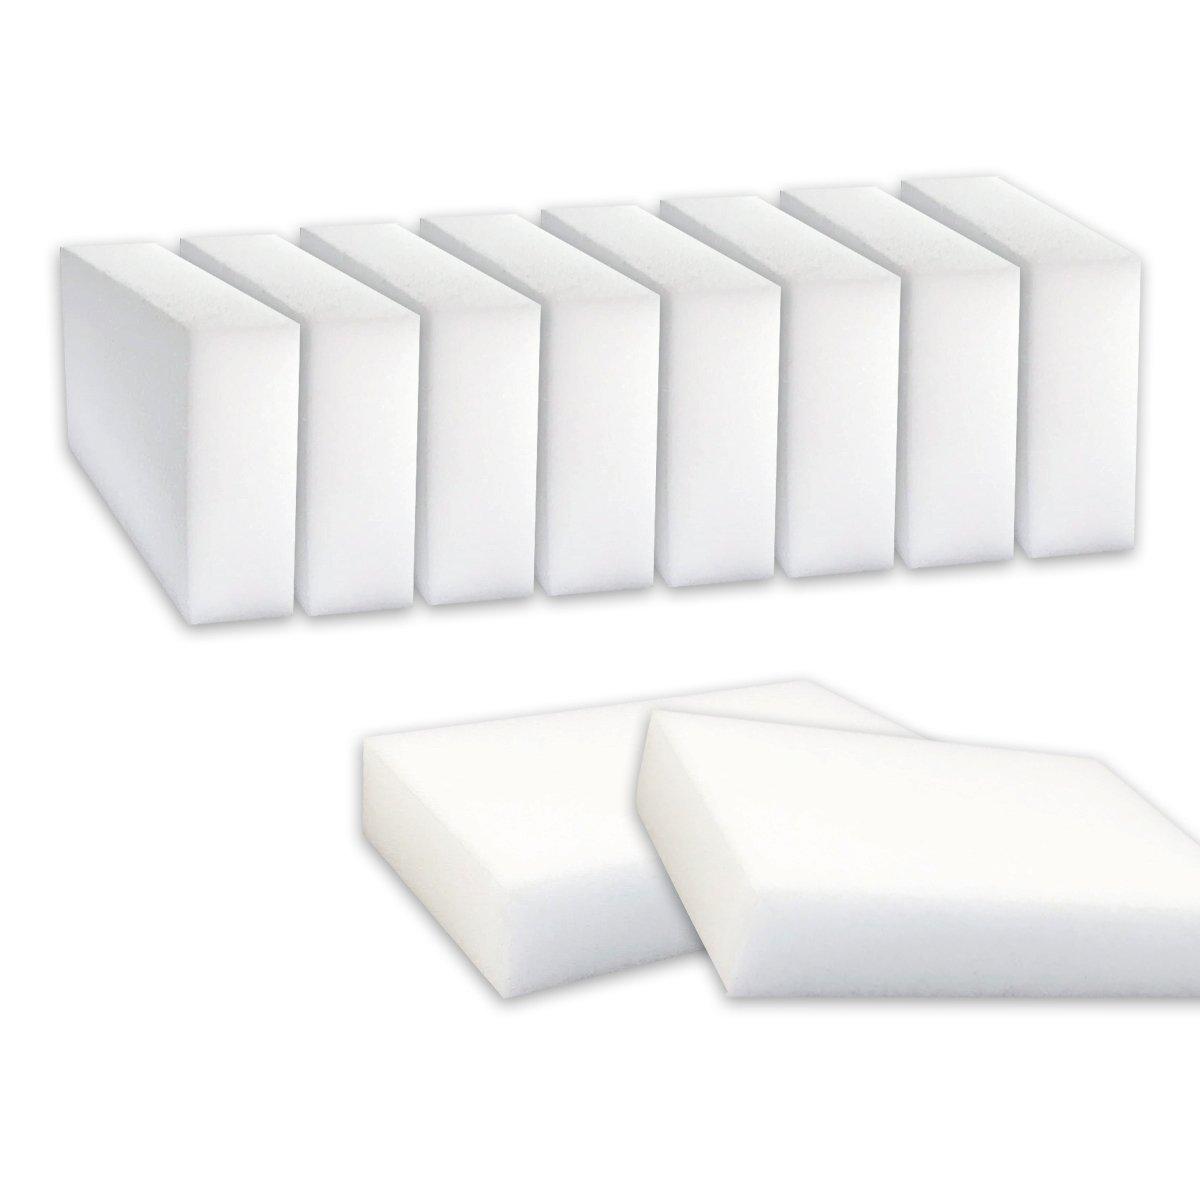 Esponja mágica Nidebeibao® para eliminar manchas y marcas, sin productos químicos, 10 unidades NIDEbeibao®